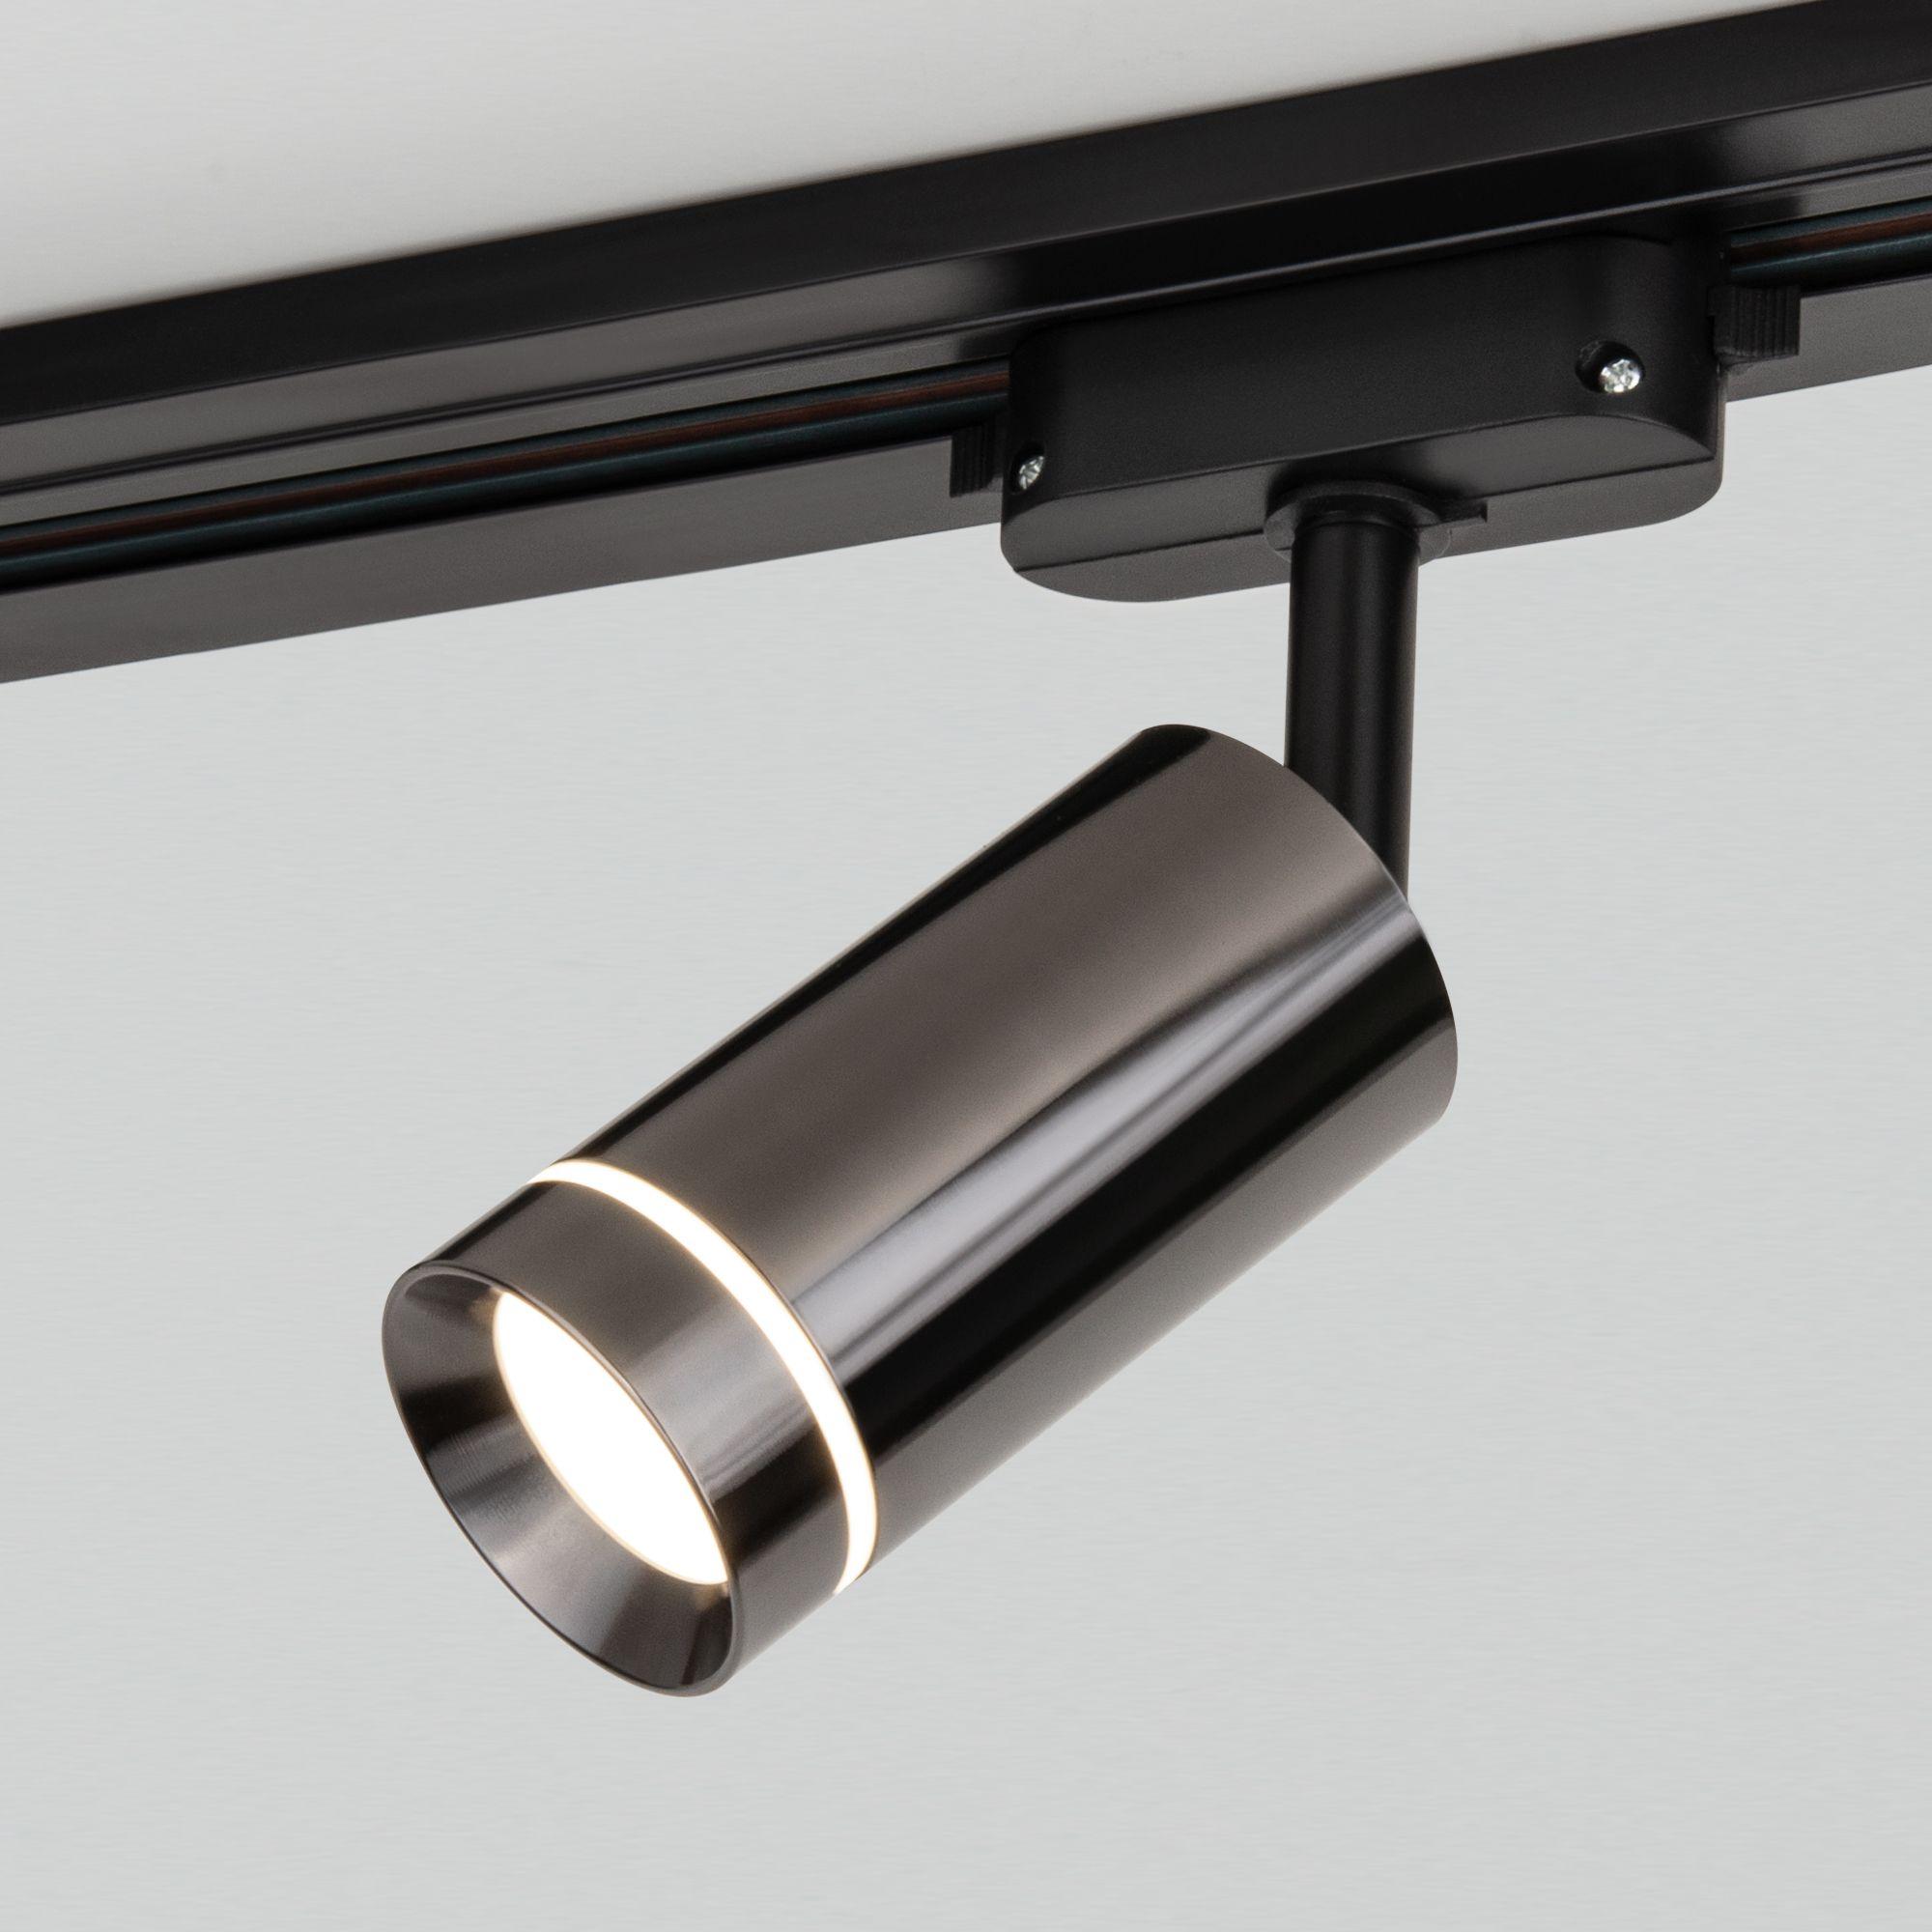 Трековый светодиодный светильник для однофазного шинопровода Glory Черный жемчуг 7W 4200K Glory Черн